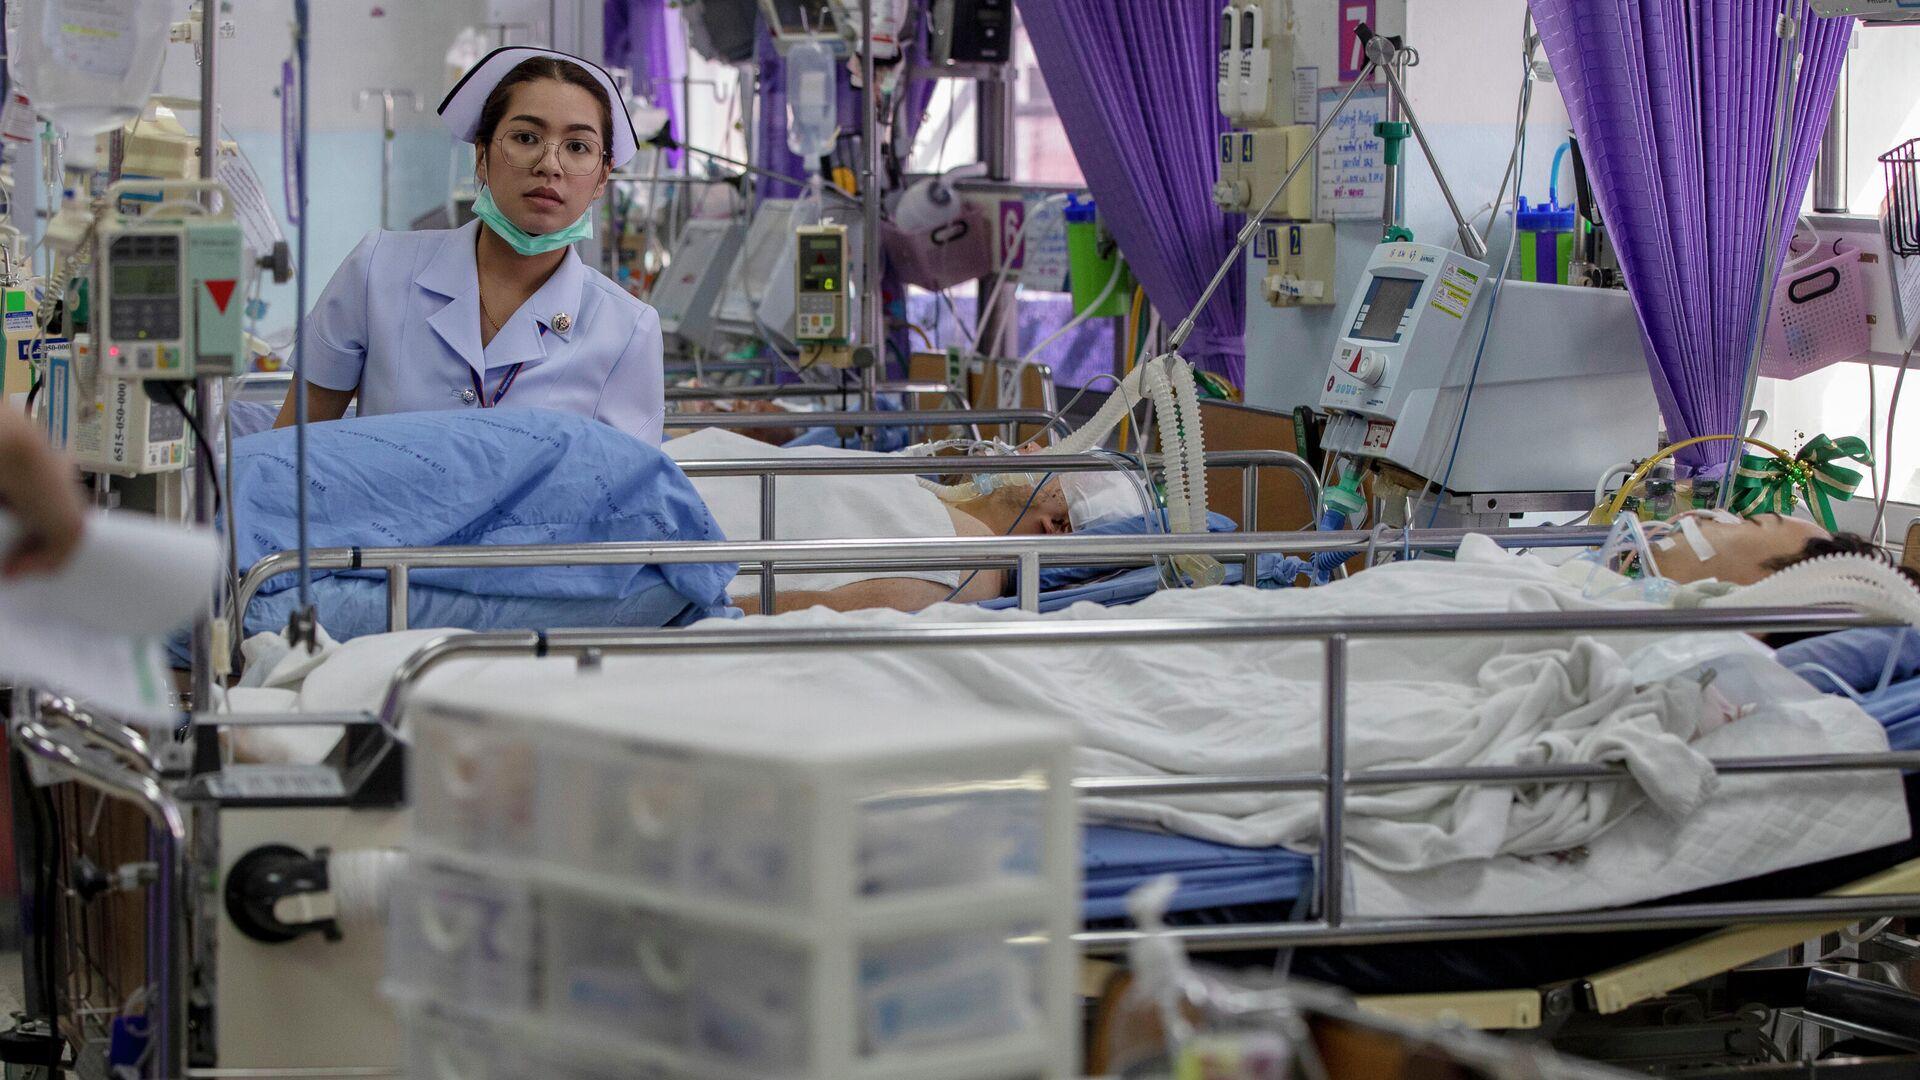 Медсестра в отделении скорой помощи с жертвами массовой стрельбы в Корате, Накхонратчасима, Таиланд. 9 февраля 2020 - РИА Новости, 1920, 29.08.2021